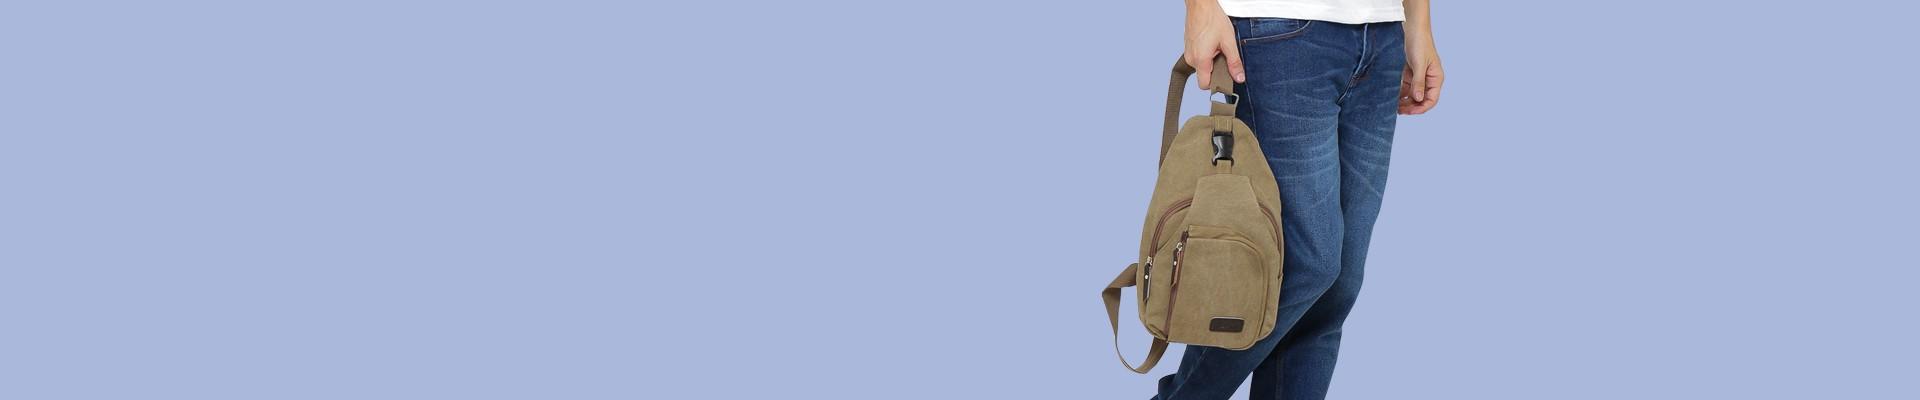 bc2af93c4eb Jual Waist Bag / Tas Pinggang Pria - Model Baru & Harga Murah ...